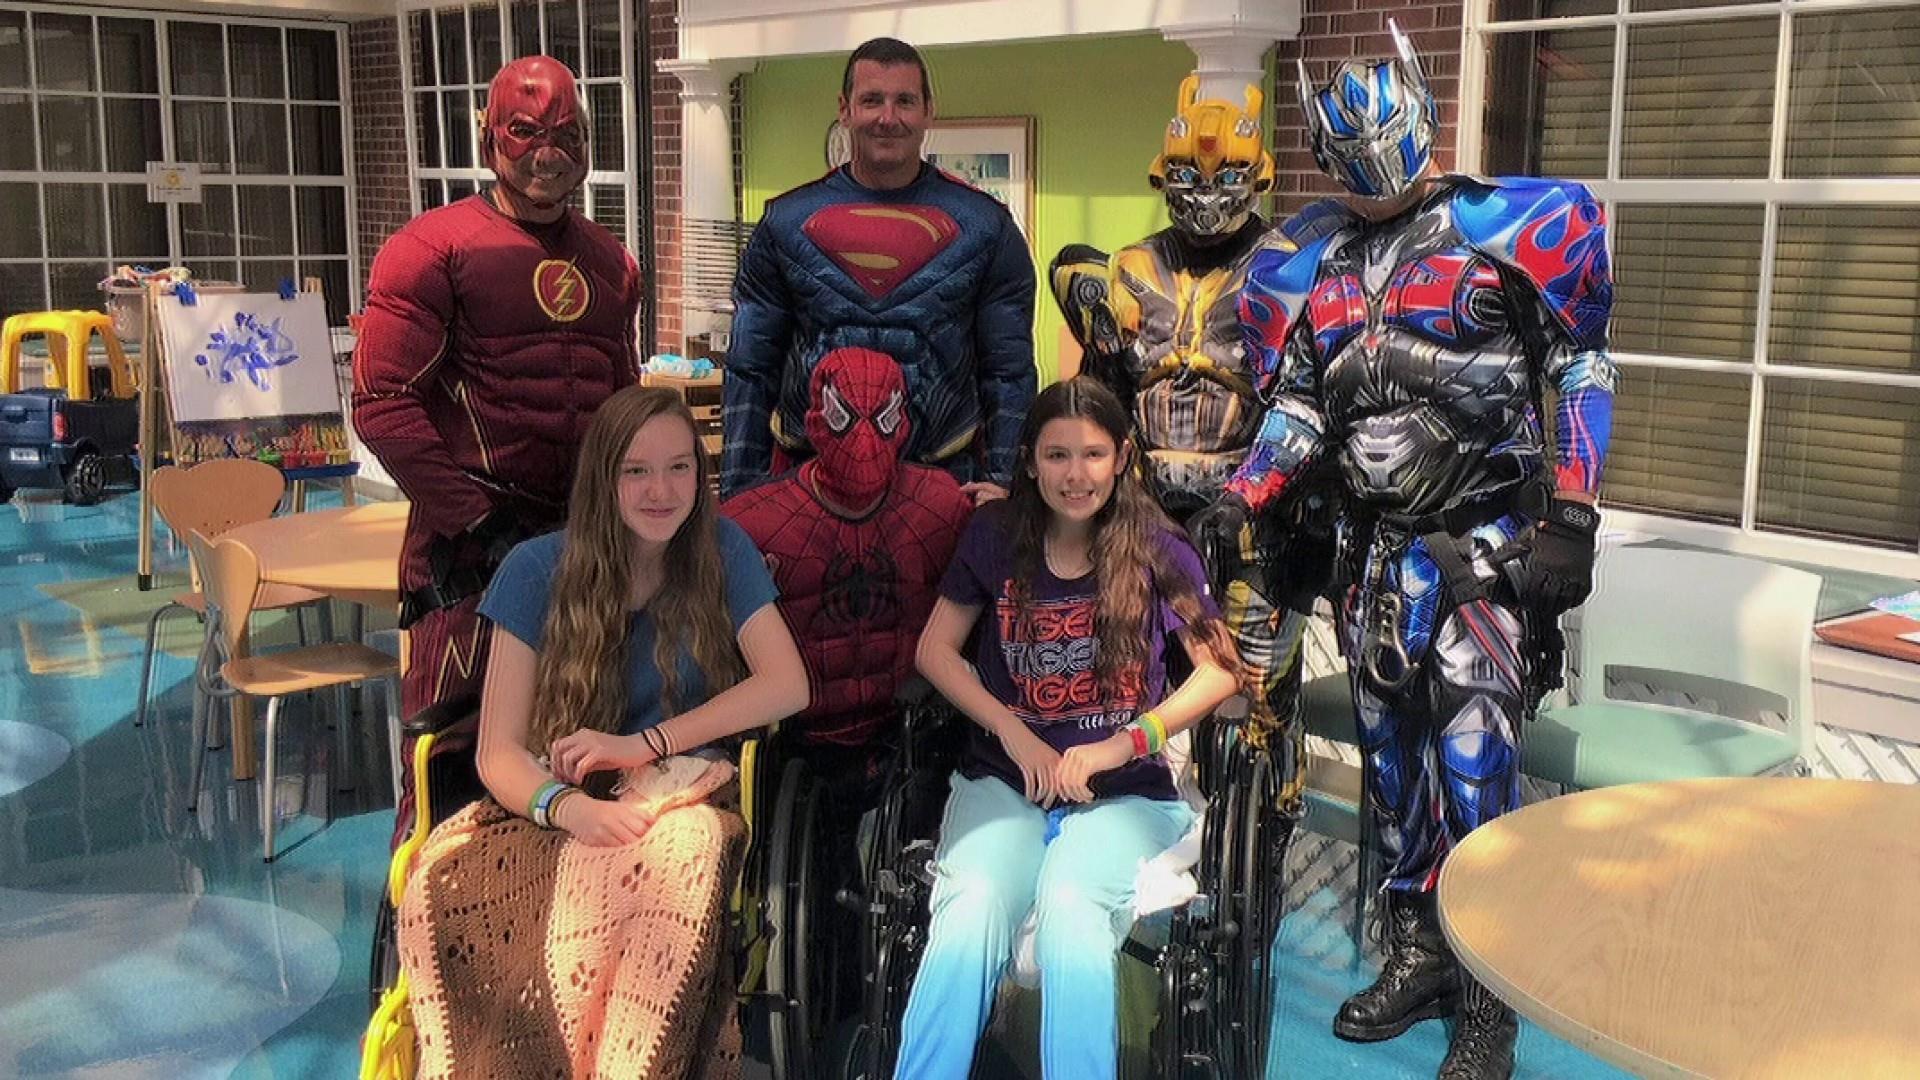 #GoodNewsRuhles: SWAT team visits hospital dressed as superheroes